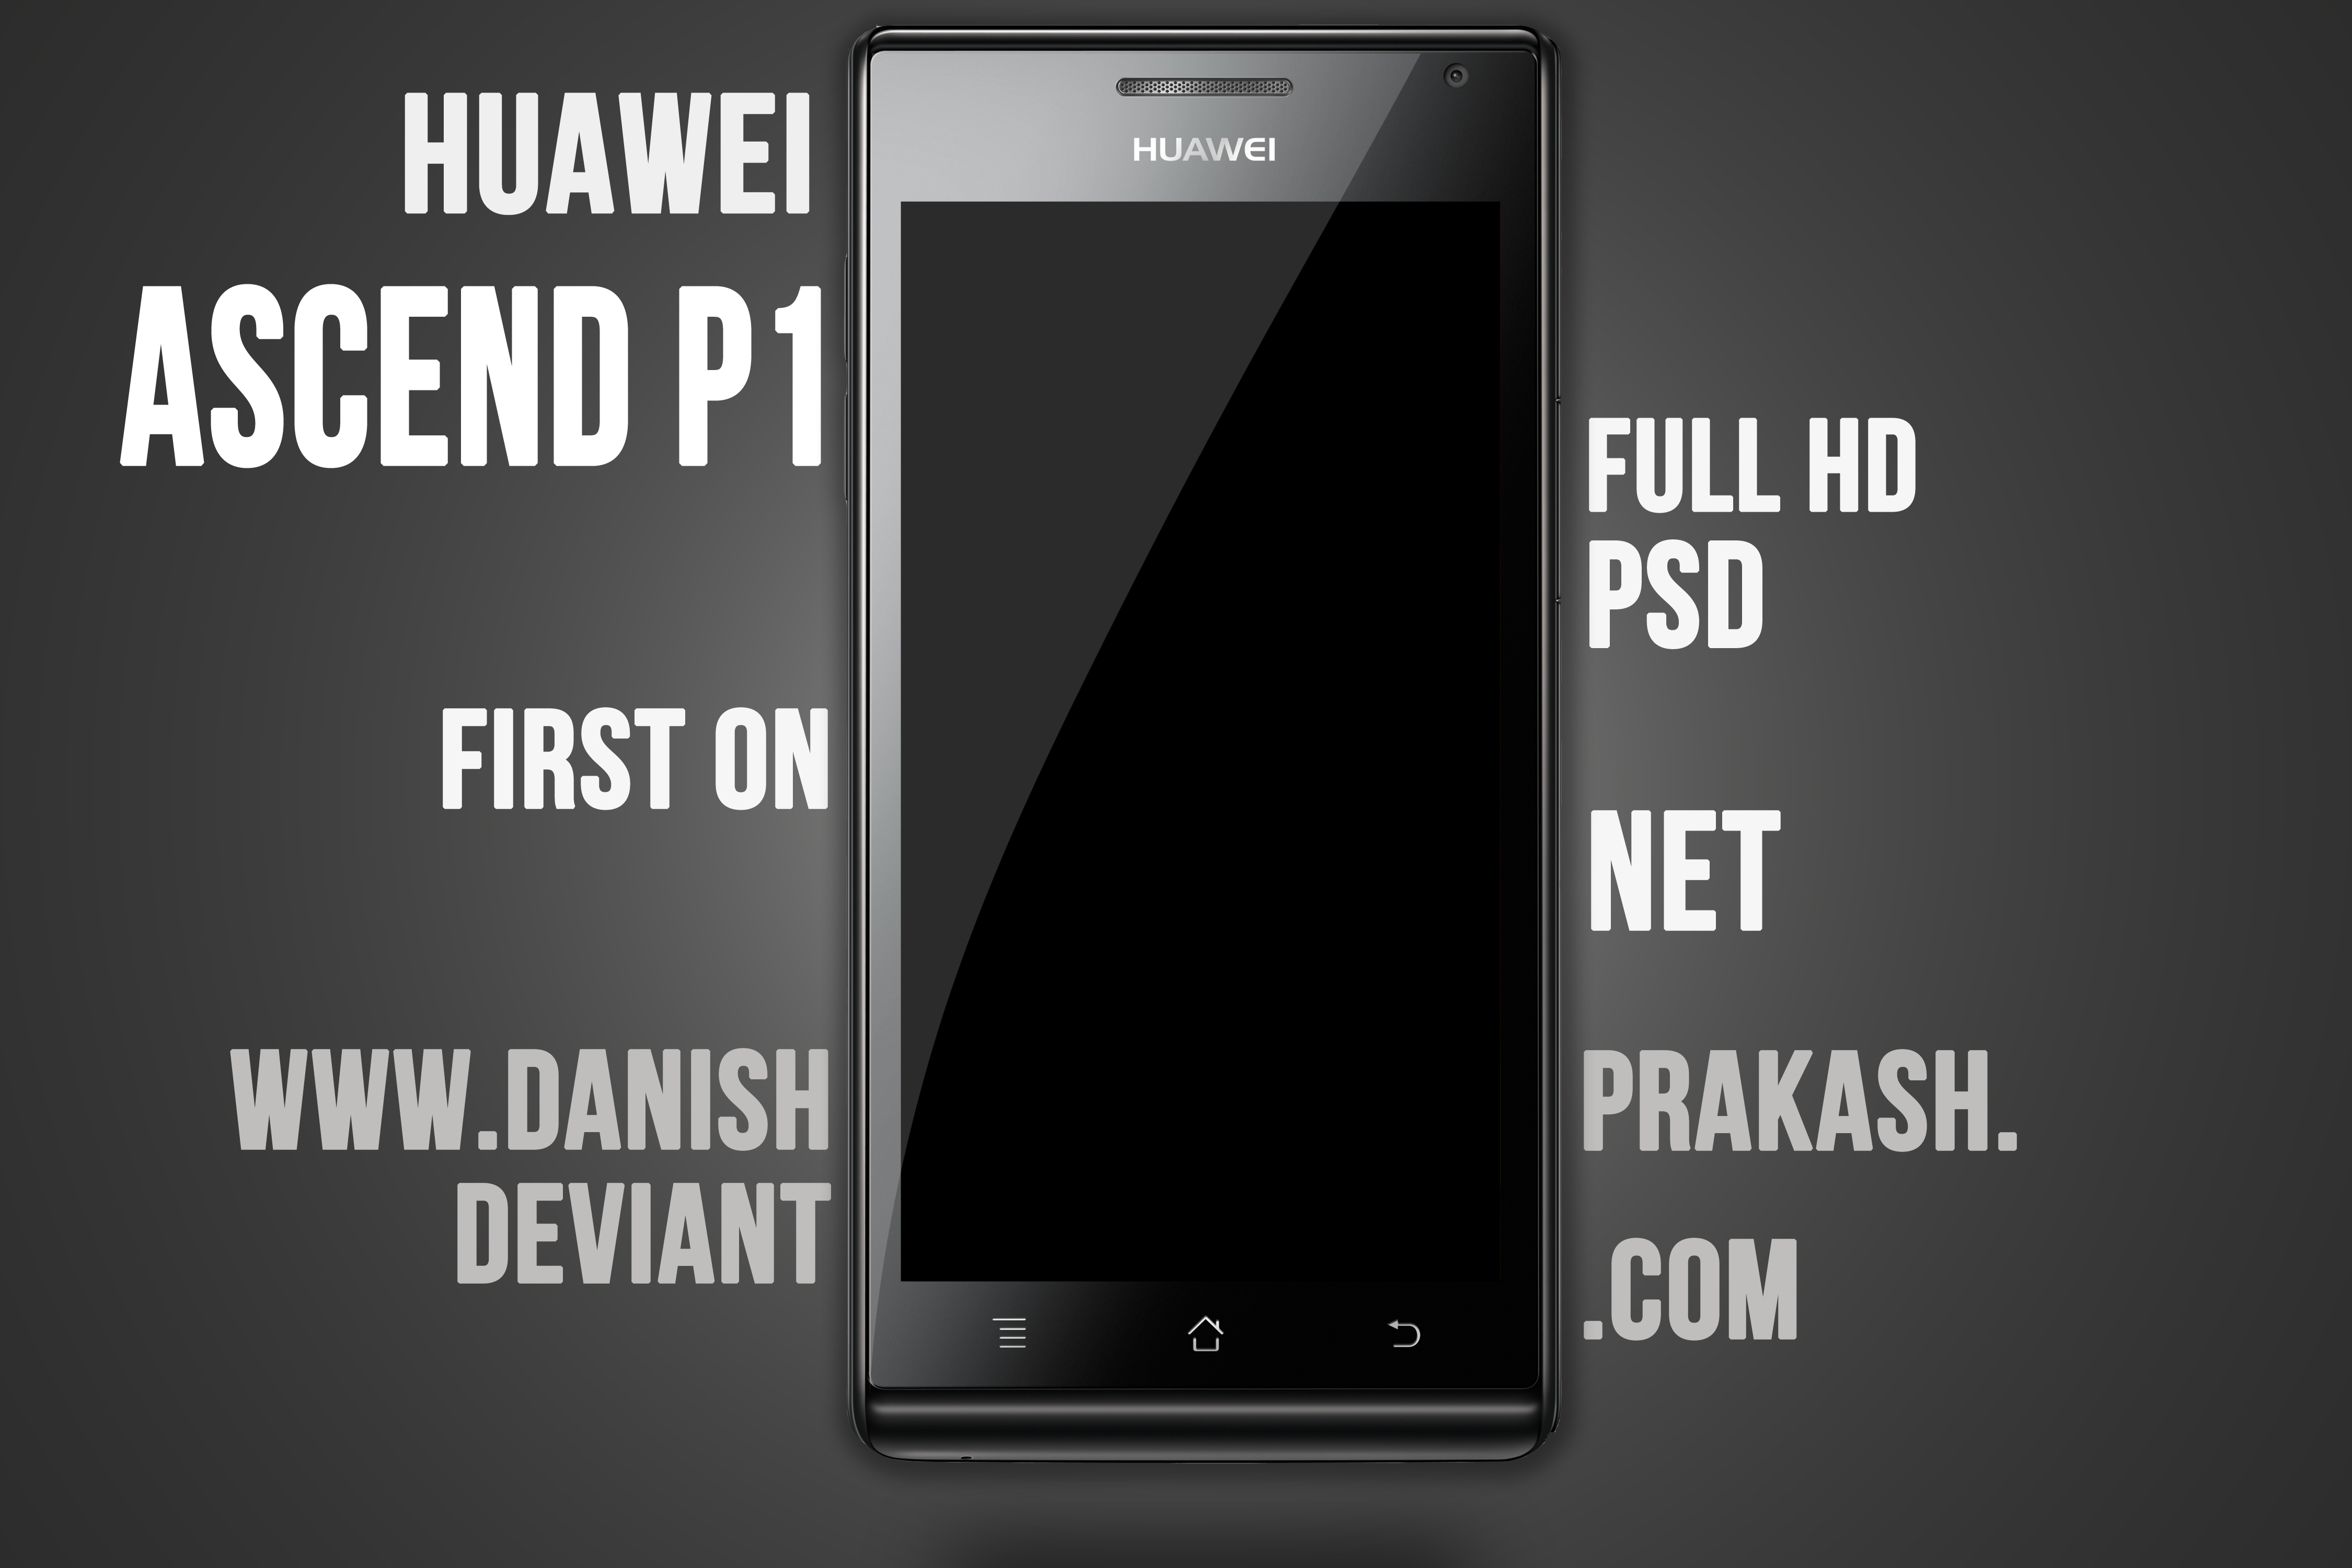 Huawei Ascend P1 [psd] by danishprakash